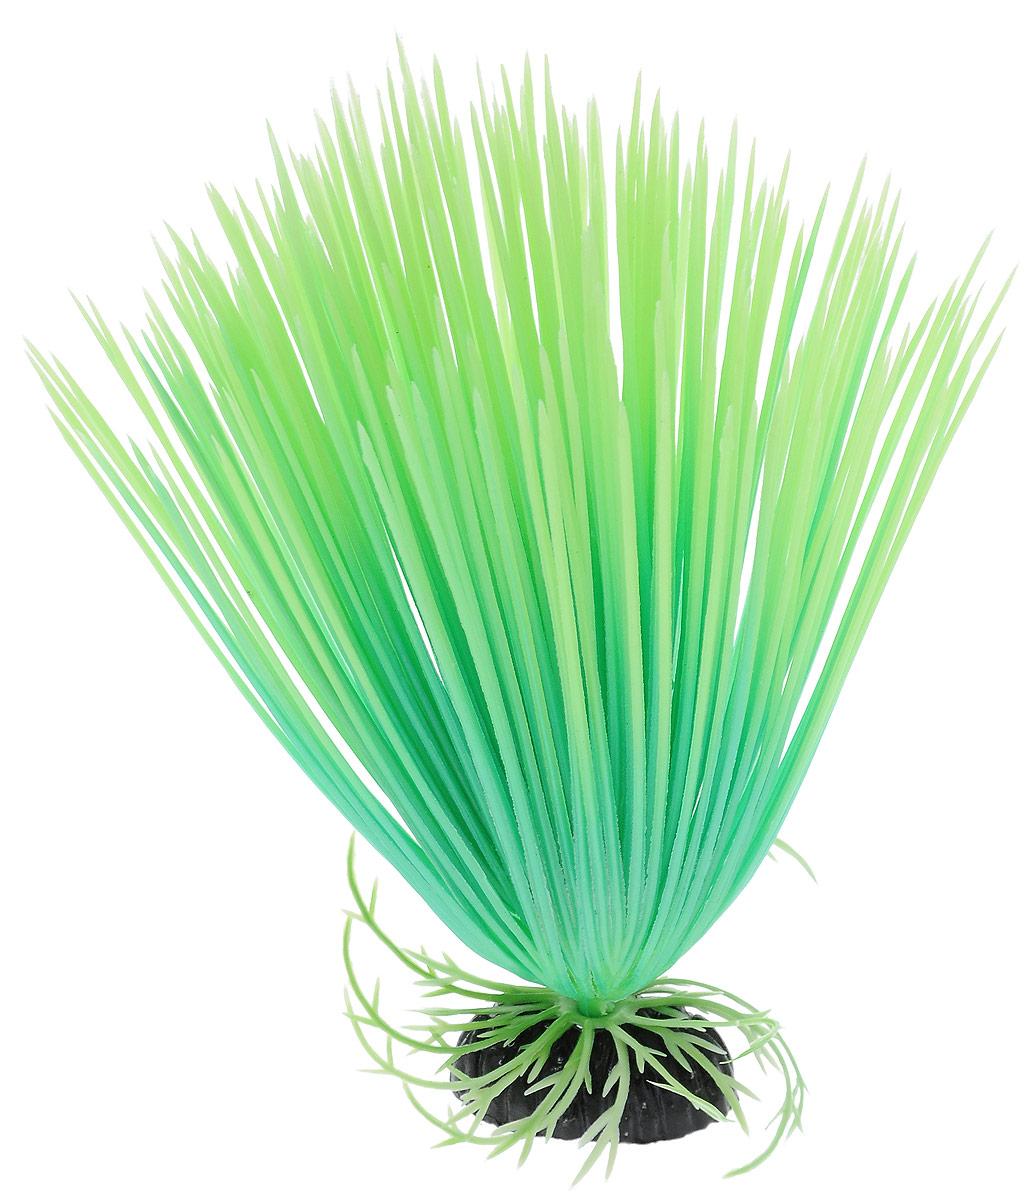 Растение для аквариума Barbus Акорус, пластиковое, светящееся, высота 20 смPlant 056 DARK/20Растение Barbus Акорус выполнено из высококачественного нетоксичного пластика. Оно светится в темноте и станет оригинальным и необычным украшением вашего аквариума. Изделие не требует дополнительного ухода Оно абсолютно безопасно, нейтрально к водному балансу, устойчиво к истиранию краски, подходит как для пресноводного, так и для морского аквариума. Растение для аквариума Barbus поможет вам смоделировать потрясающий пейзаж на дне вашего аквариума или террариума.Высота растения: 20 см.